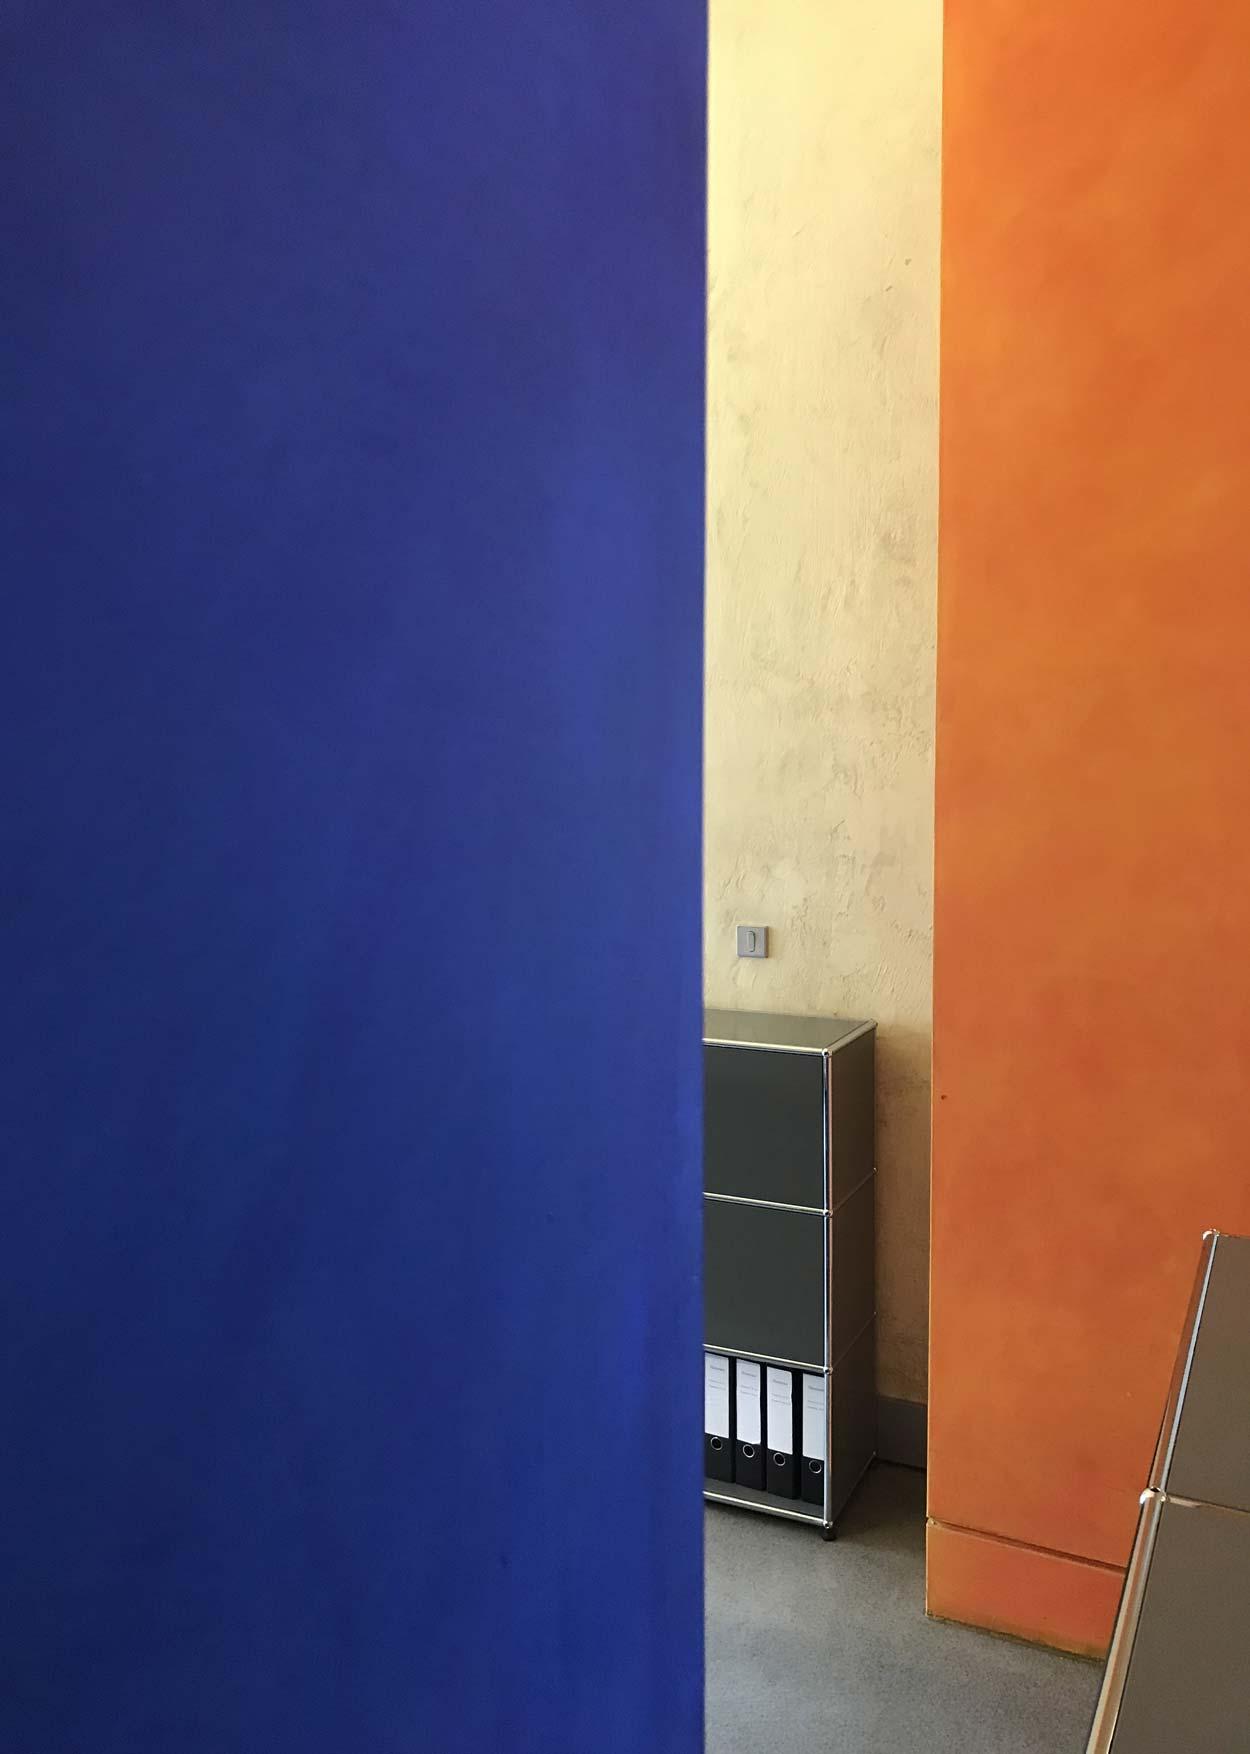 Abbildung07 Gestaltungselemente für eine Büronutzung - Planquadrat Dortmund